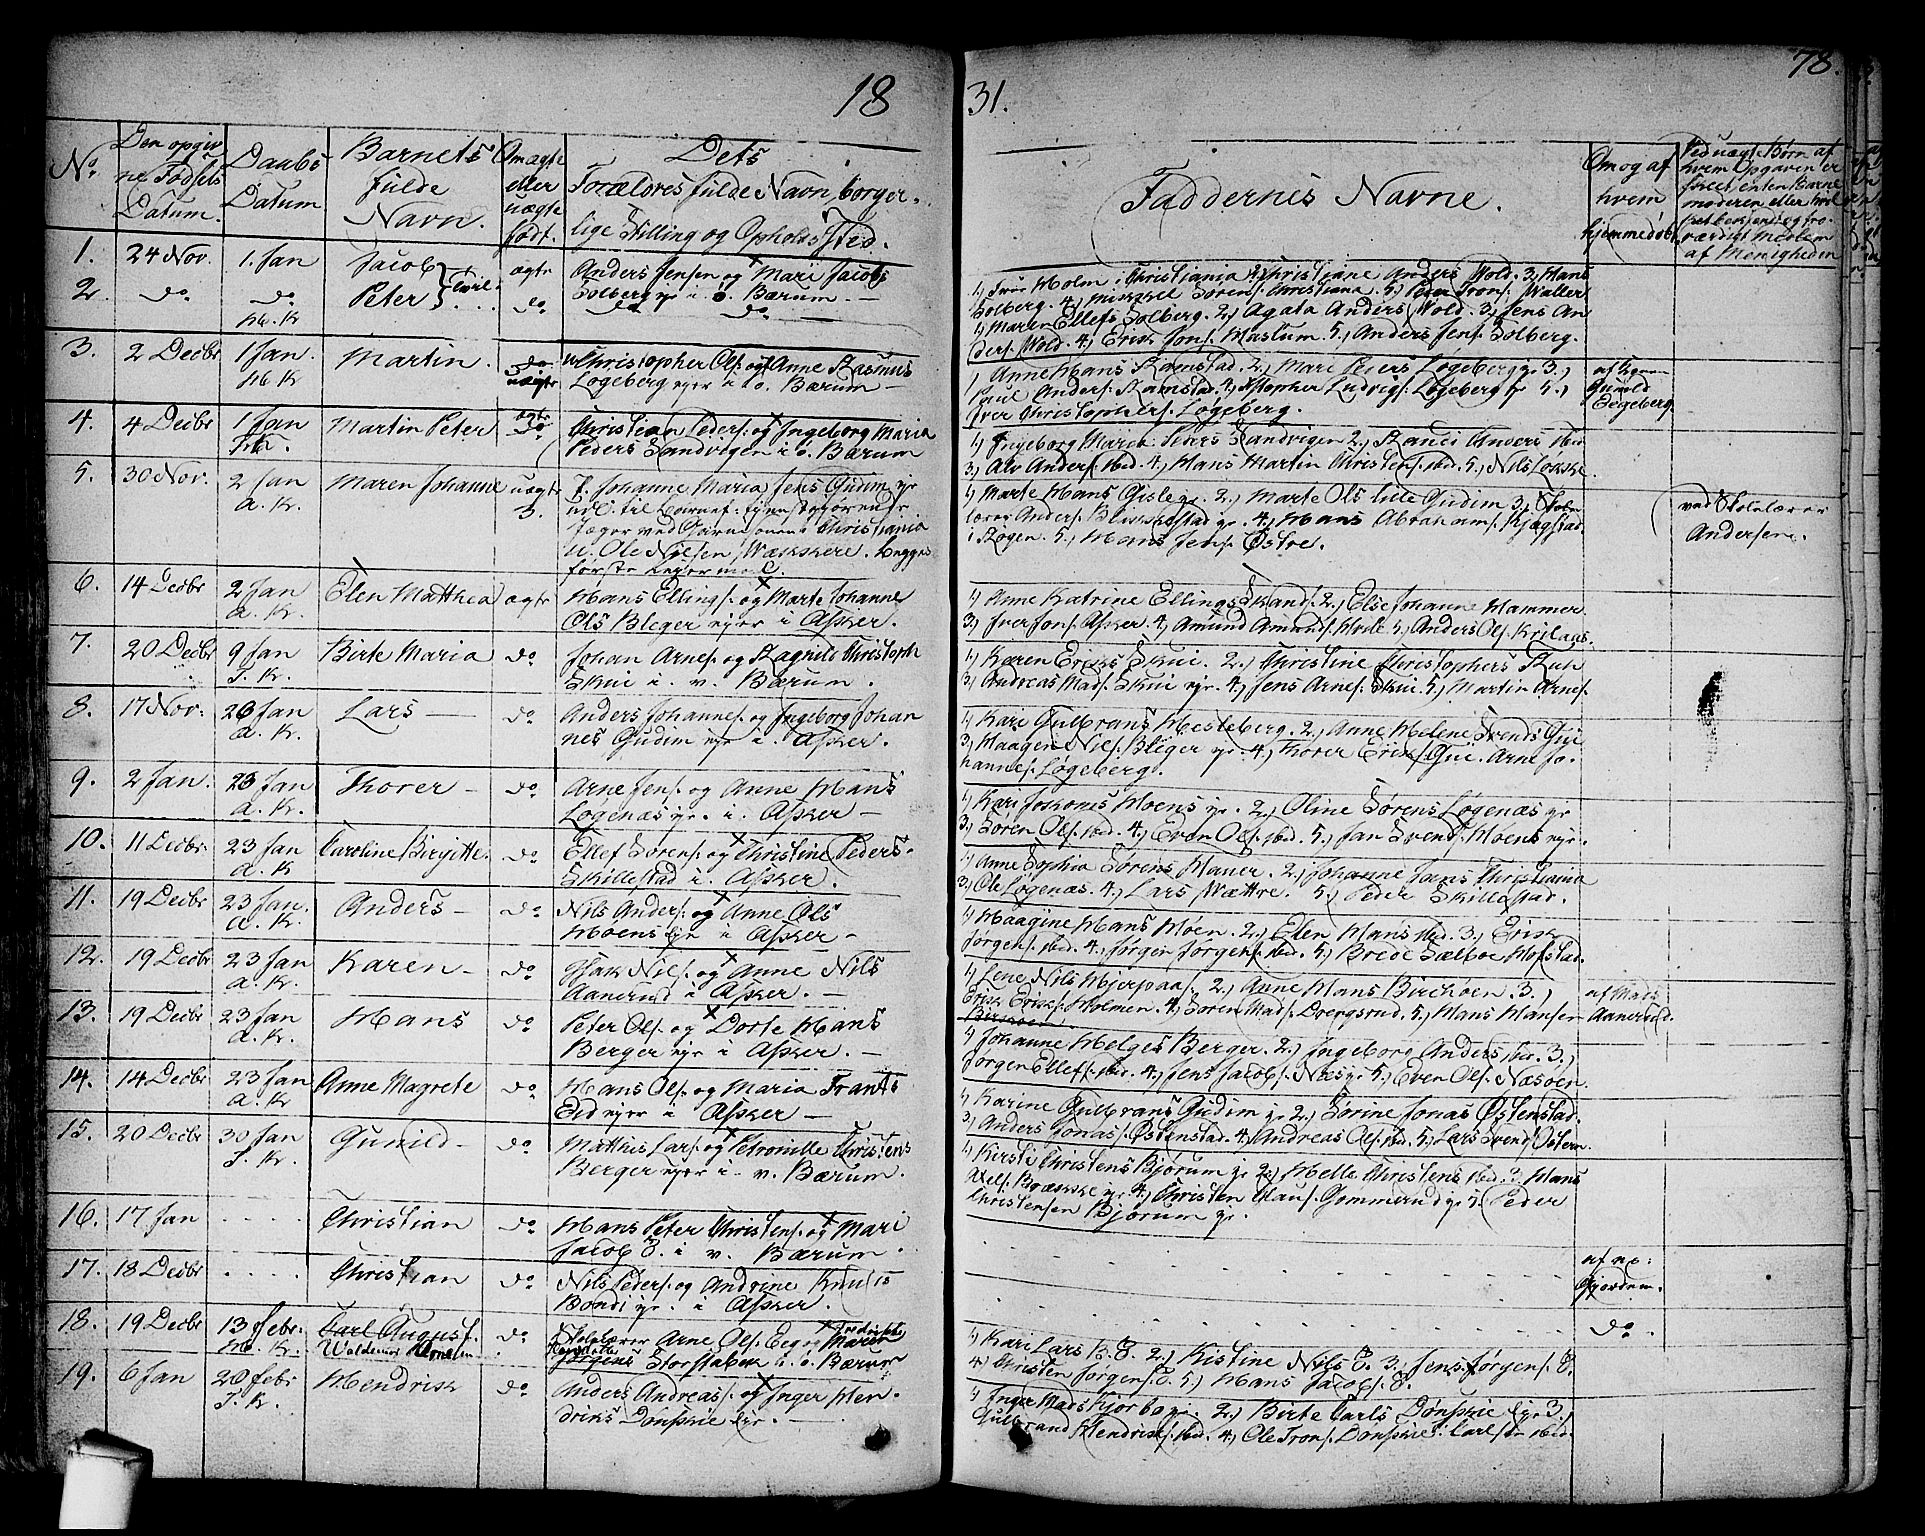 SAO, Asker prestekontor Kirkebøker, F/Fa/L0007: Ministerialbok nr. I 7, 1825-1864, s. 78